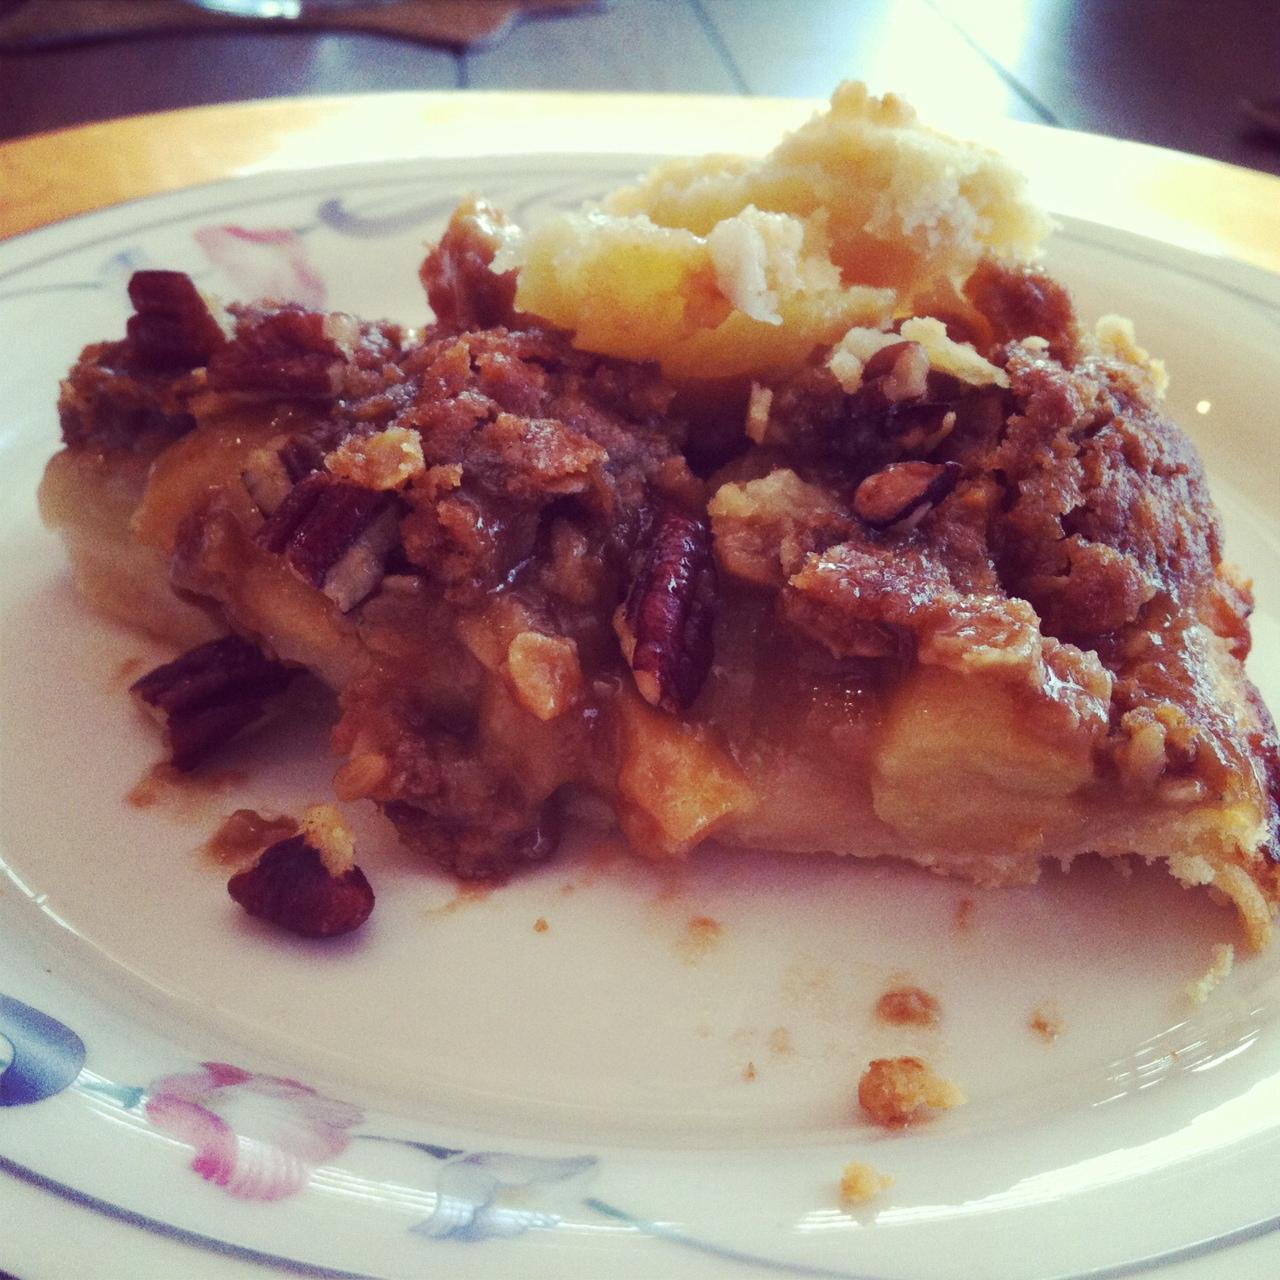 ... spiked pecan pie pecan pie with bourbon spiked rum spiked pecan pie